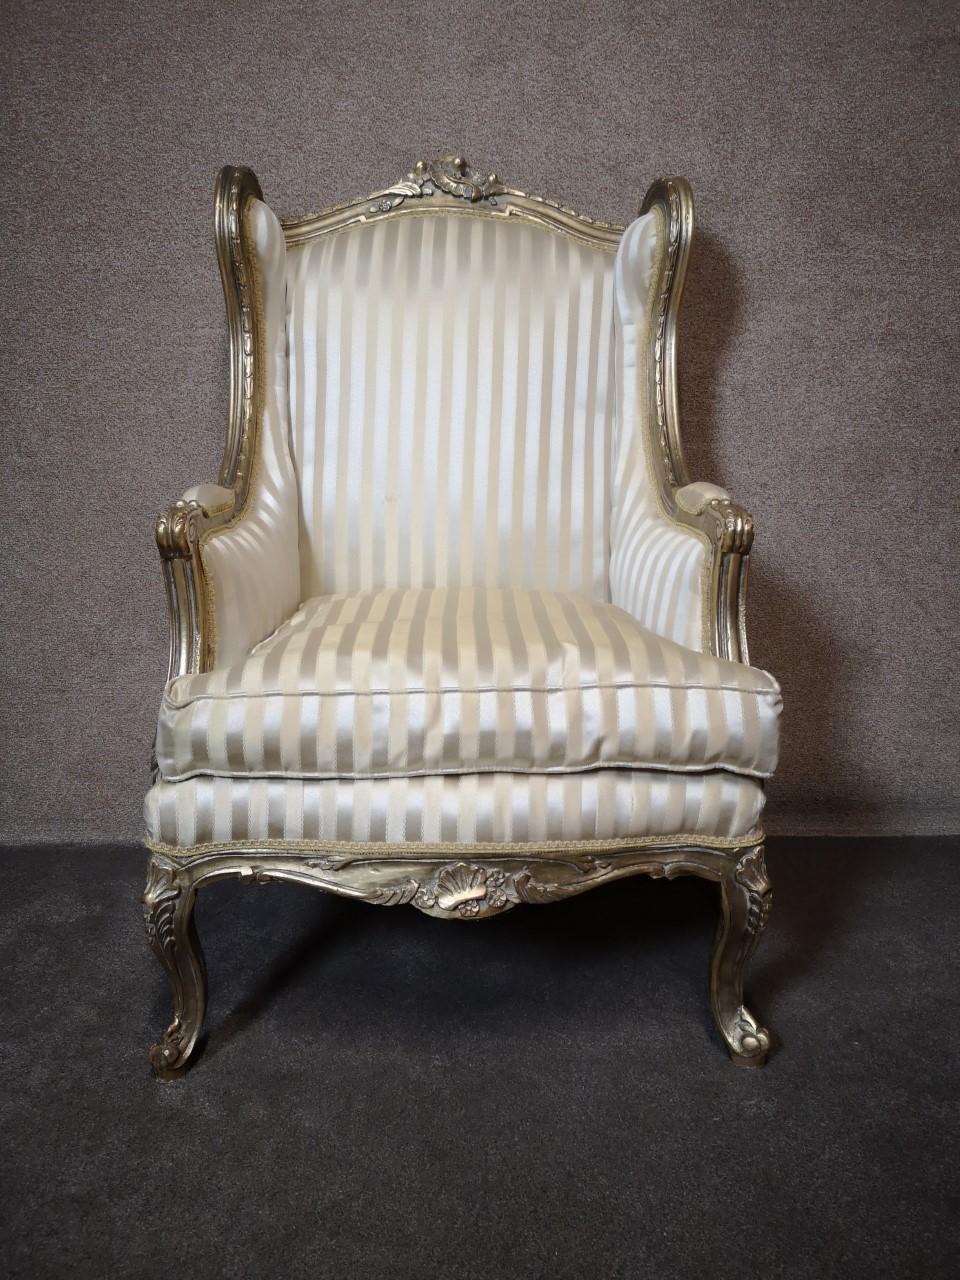 Gilt wood arm chair画像